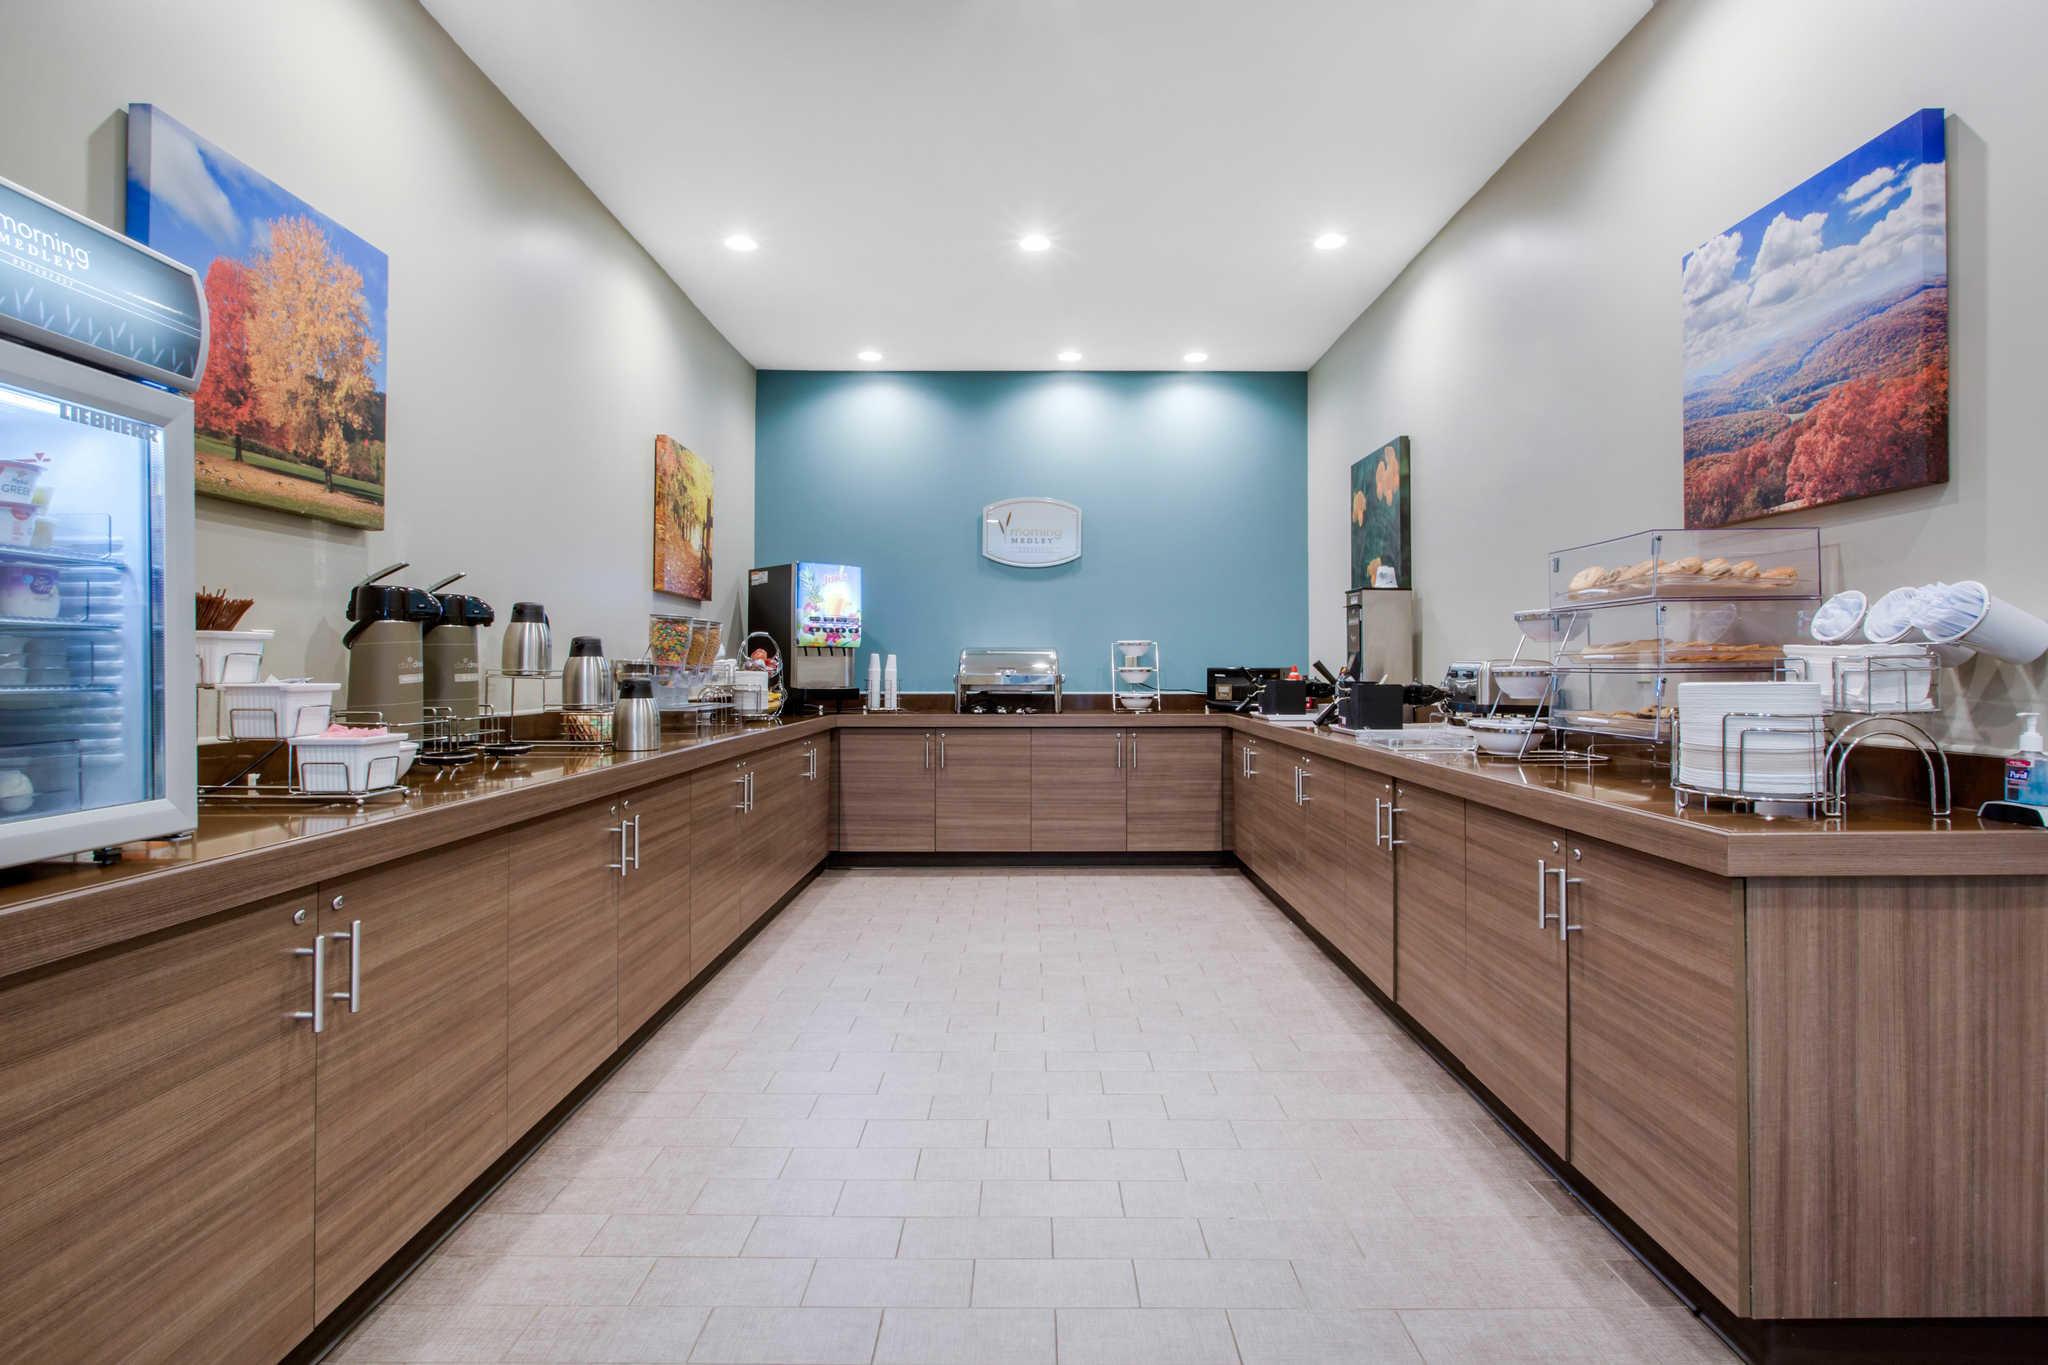 Sleep Inn & Suites Monroe - Woodbury image 20